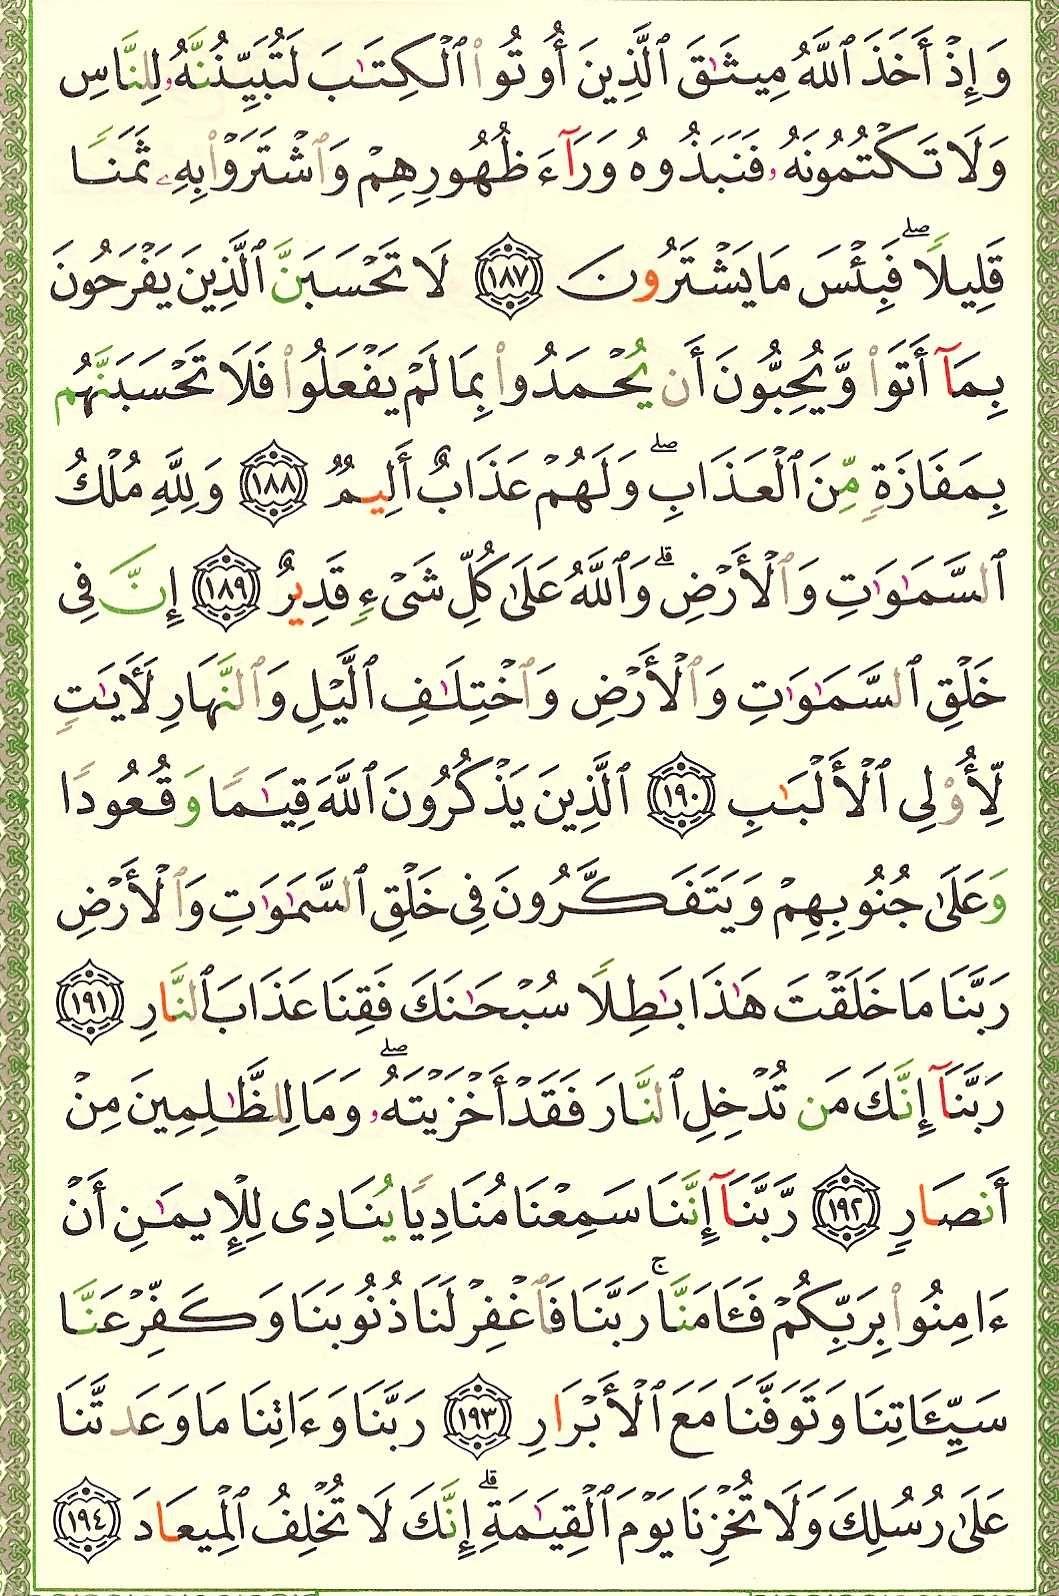 3. سورة آل عمران - Al-Imran مصورة من المصحف الشريف 075